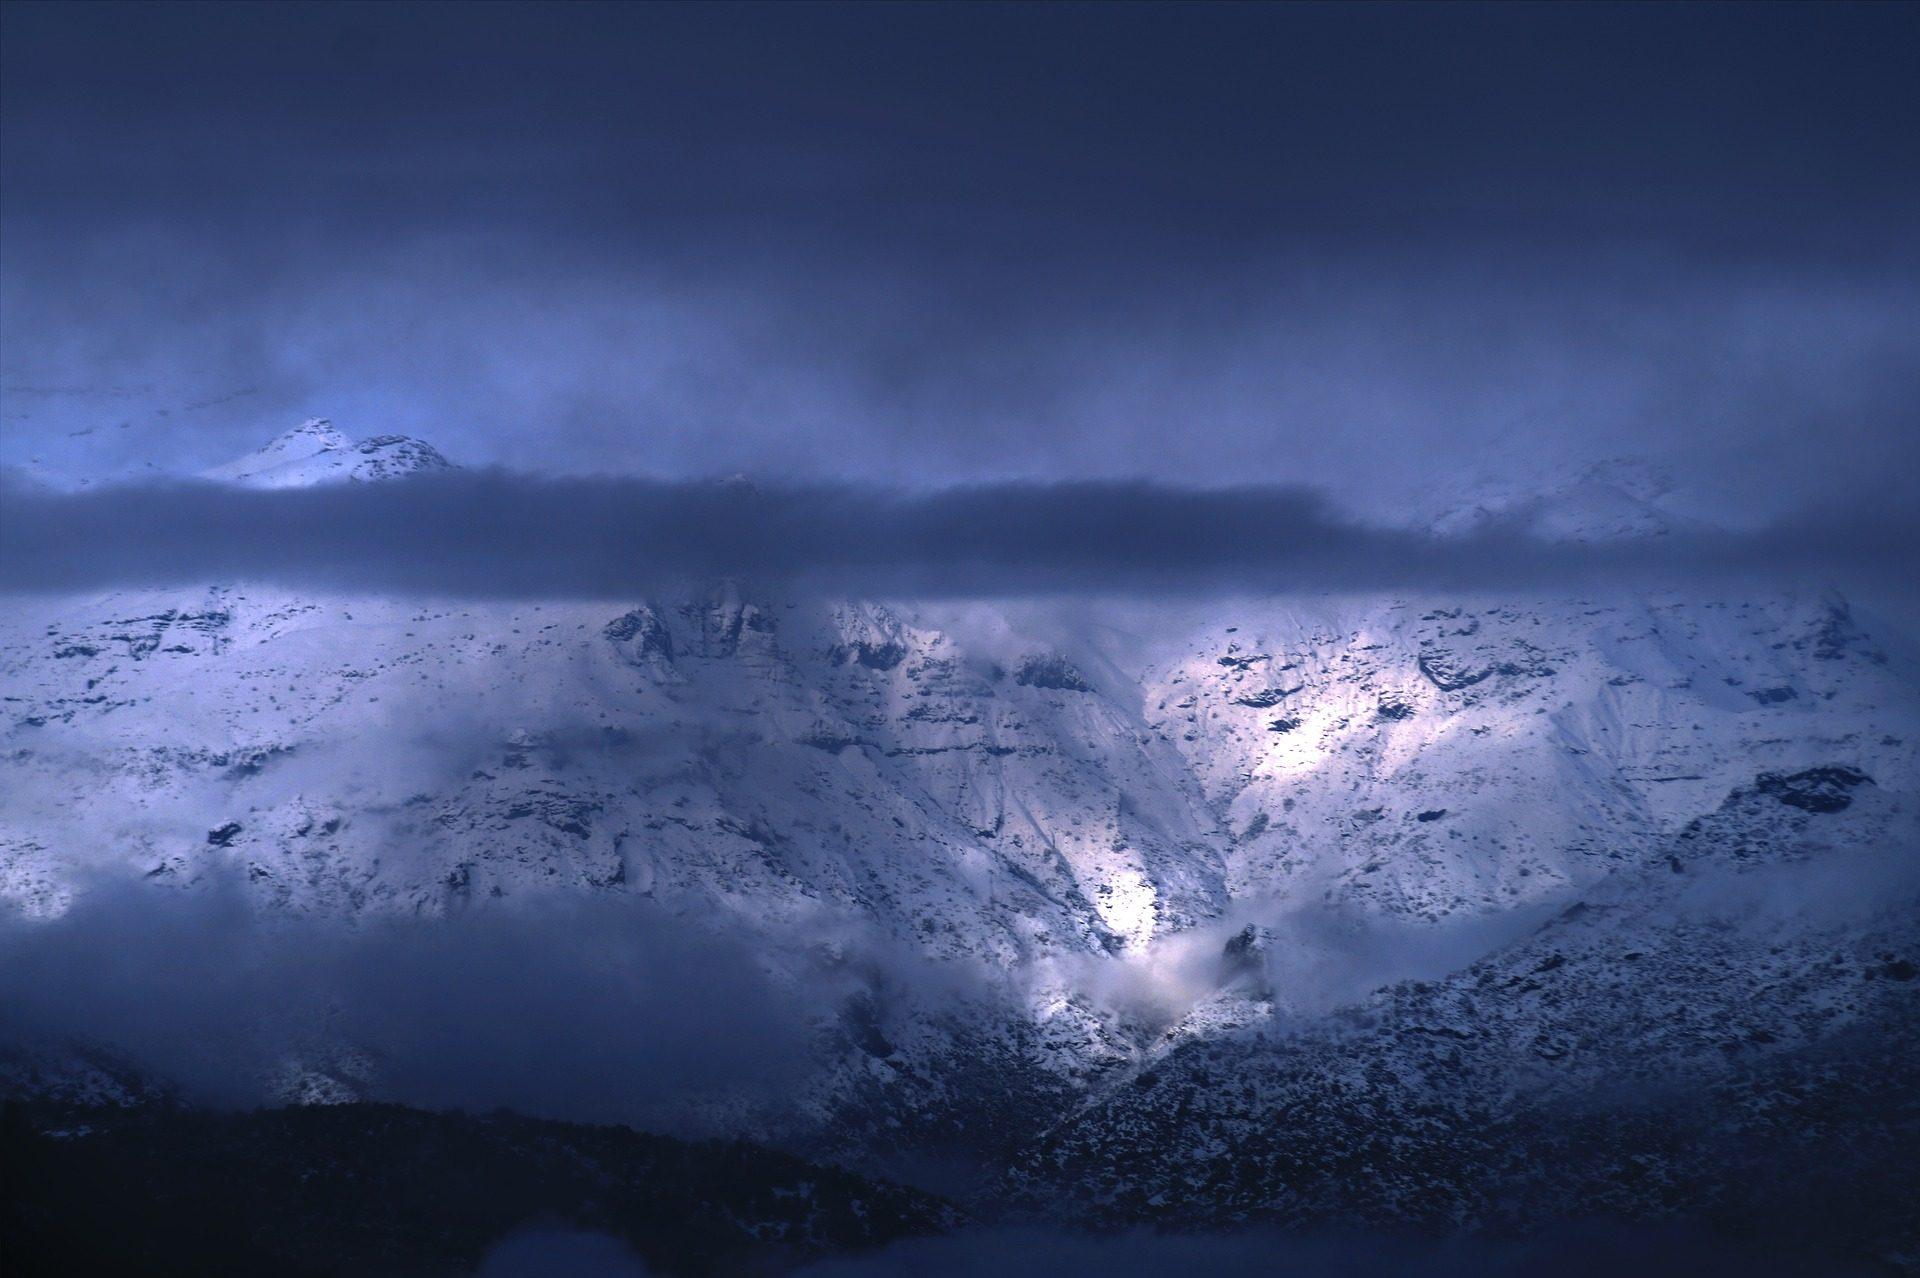 Montañas, neige, Pizza, hauteur, nuages - Fonds d'écran HD - Professor-falken.com